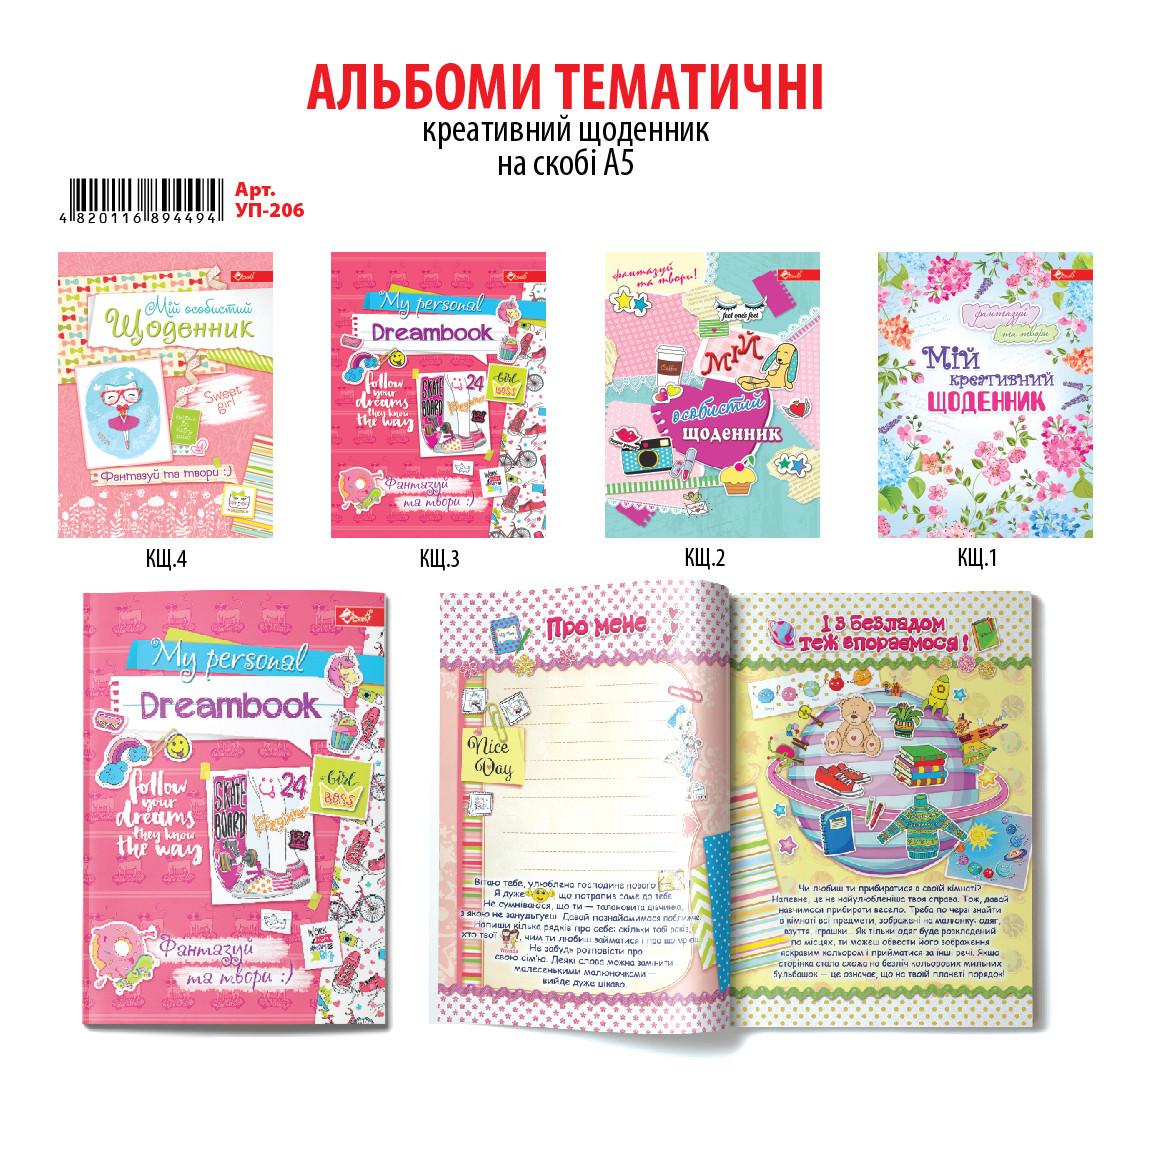 Дневник для девочек А5 52 л Креативный обложка глитер скоба Скат УП-206 (20 шт в уп.)